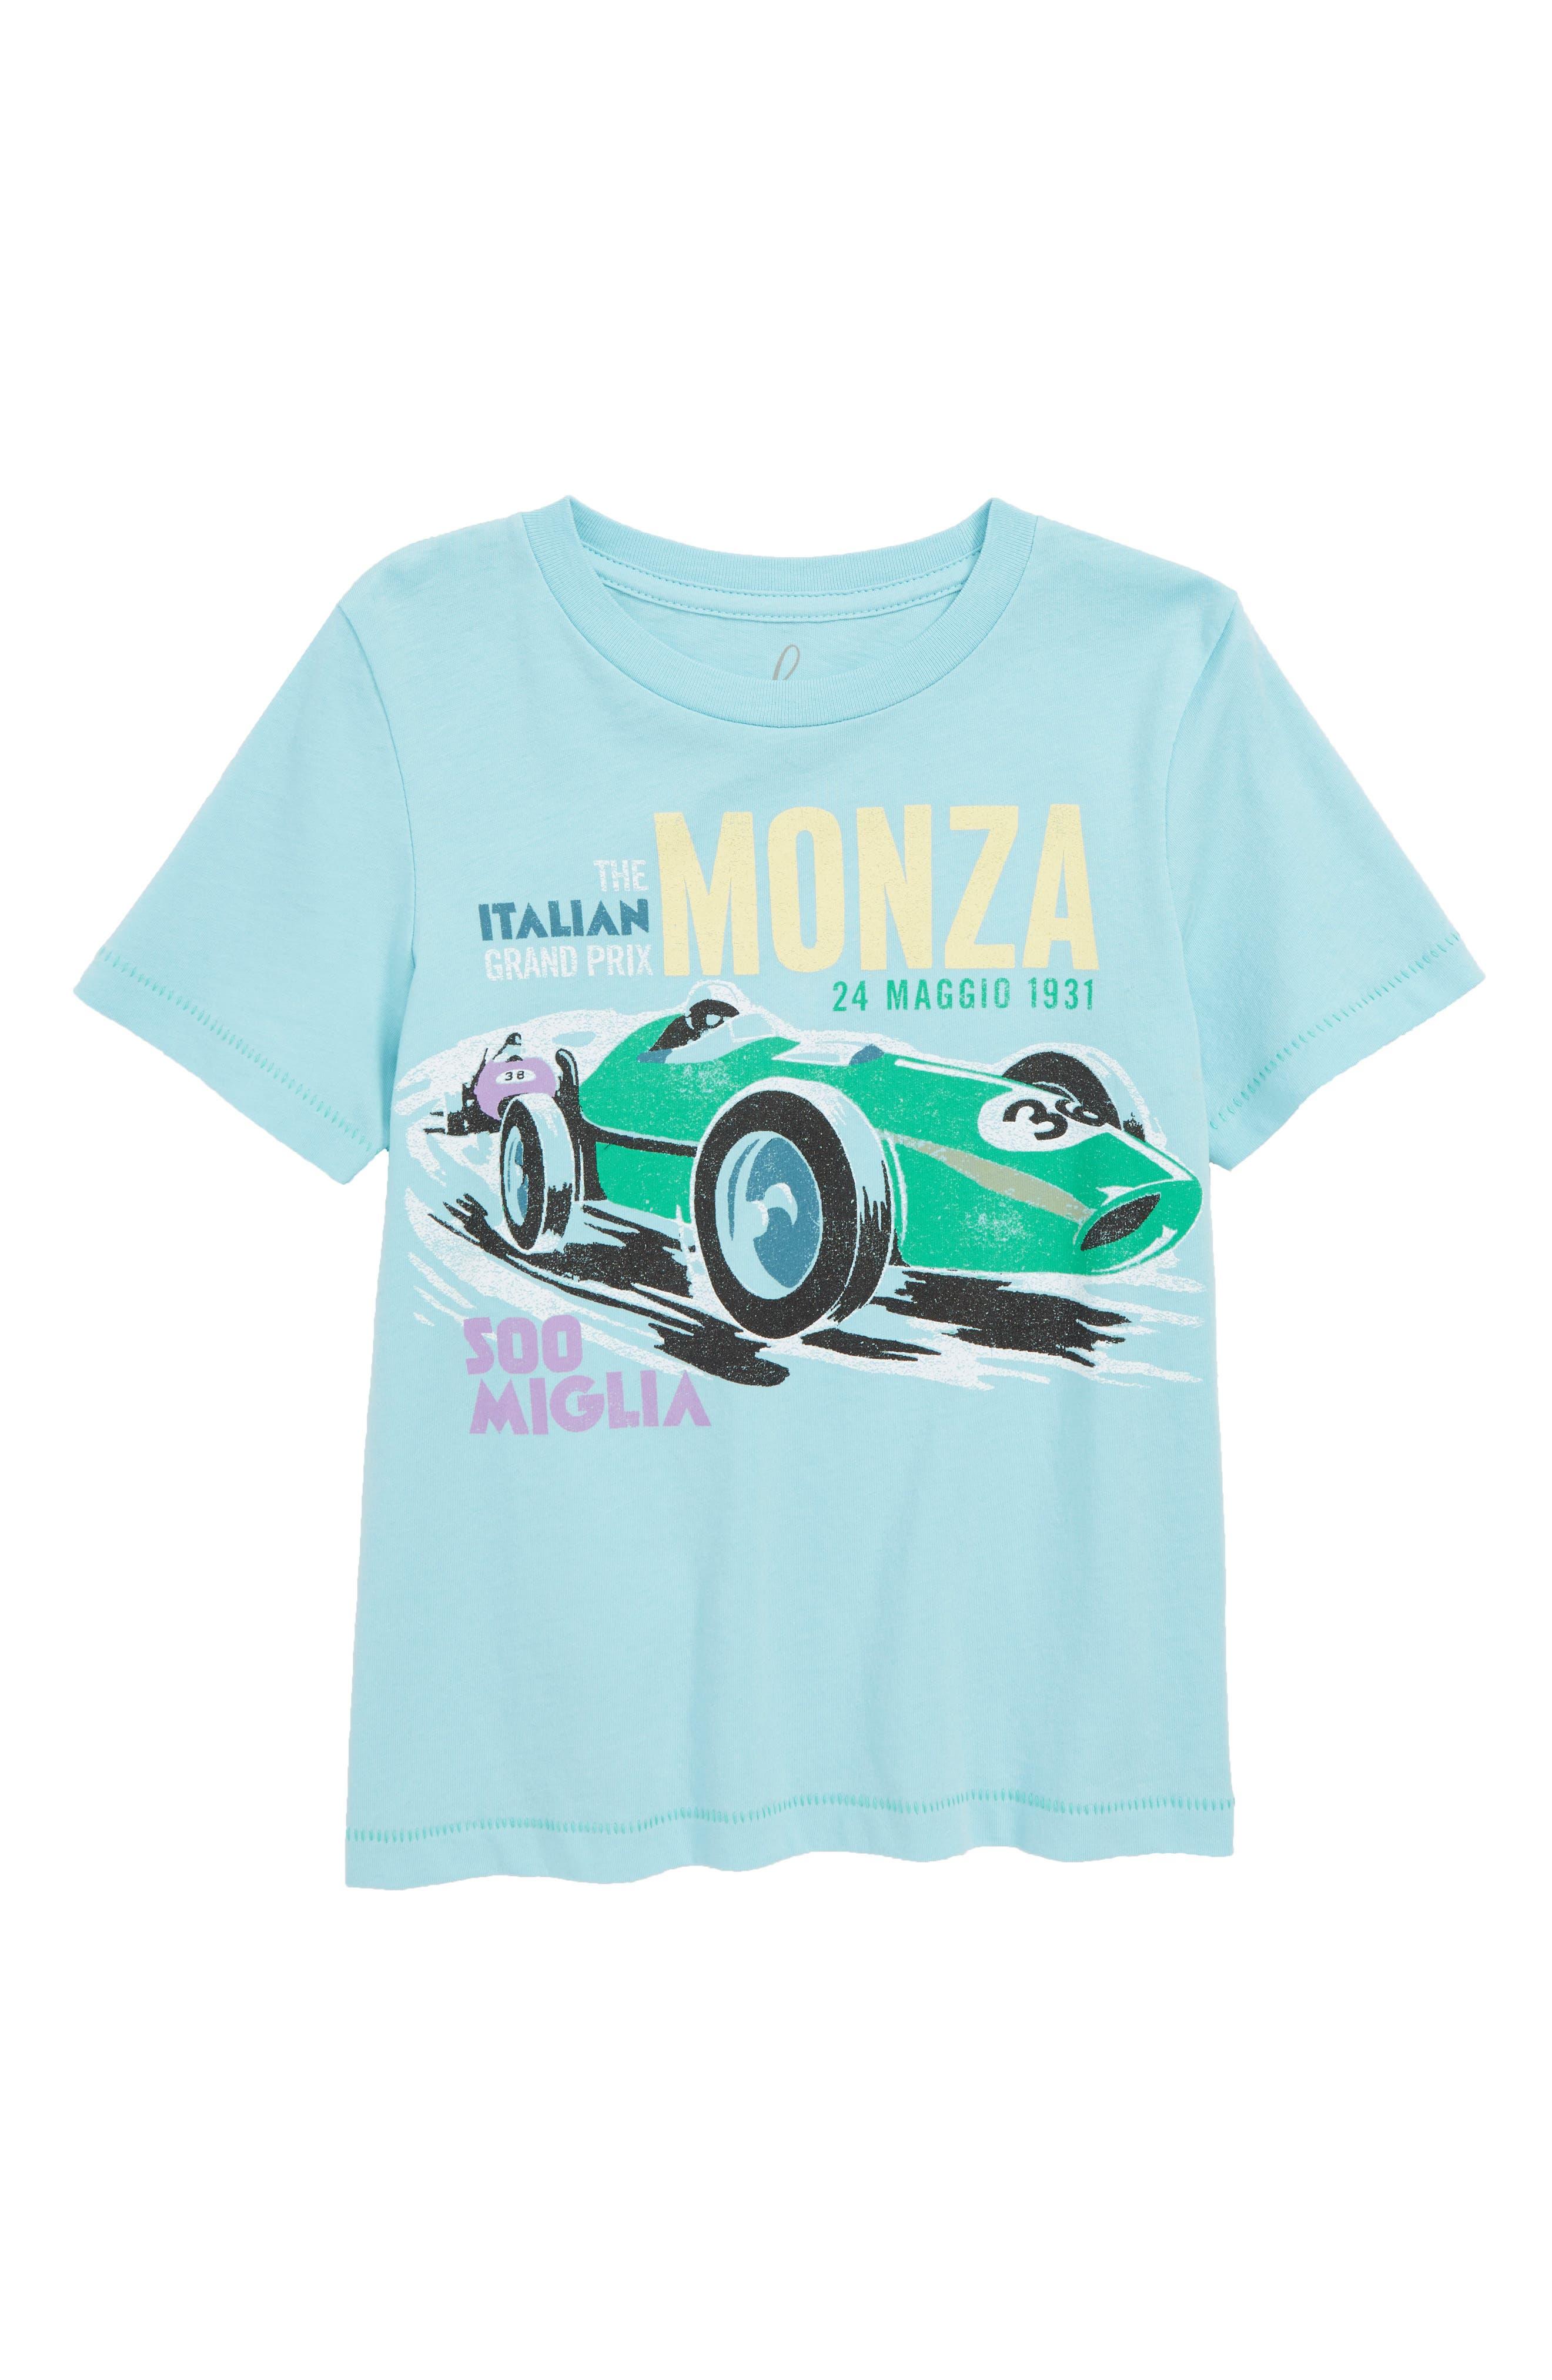 Monza T-Shirt,                         Main,                         color, LIGHT BLUE